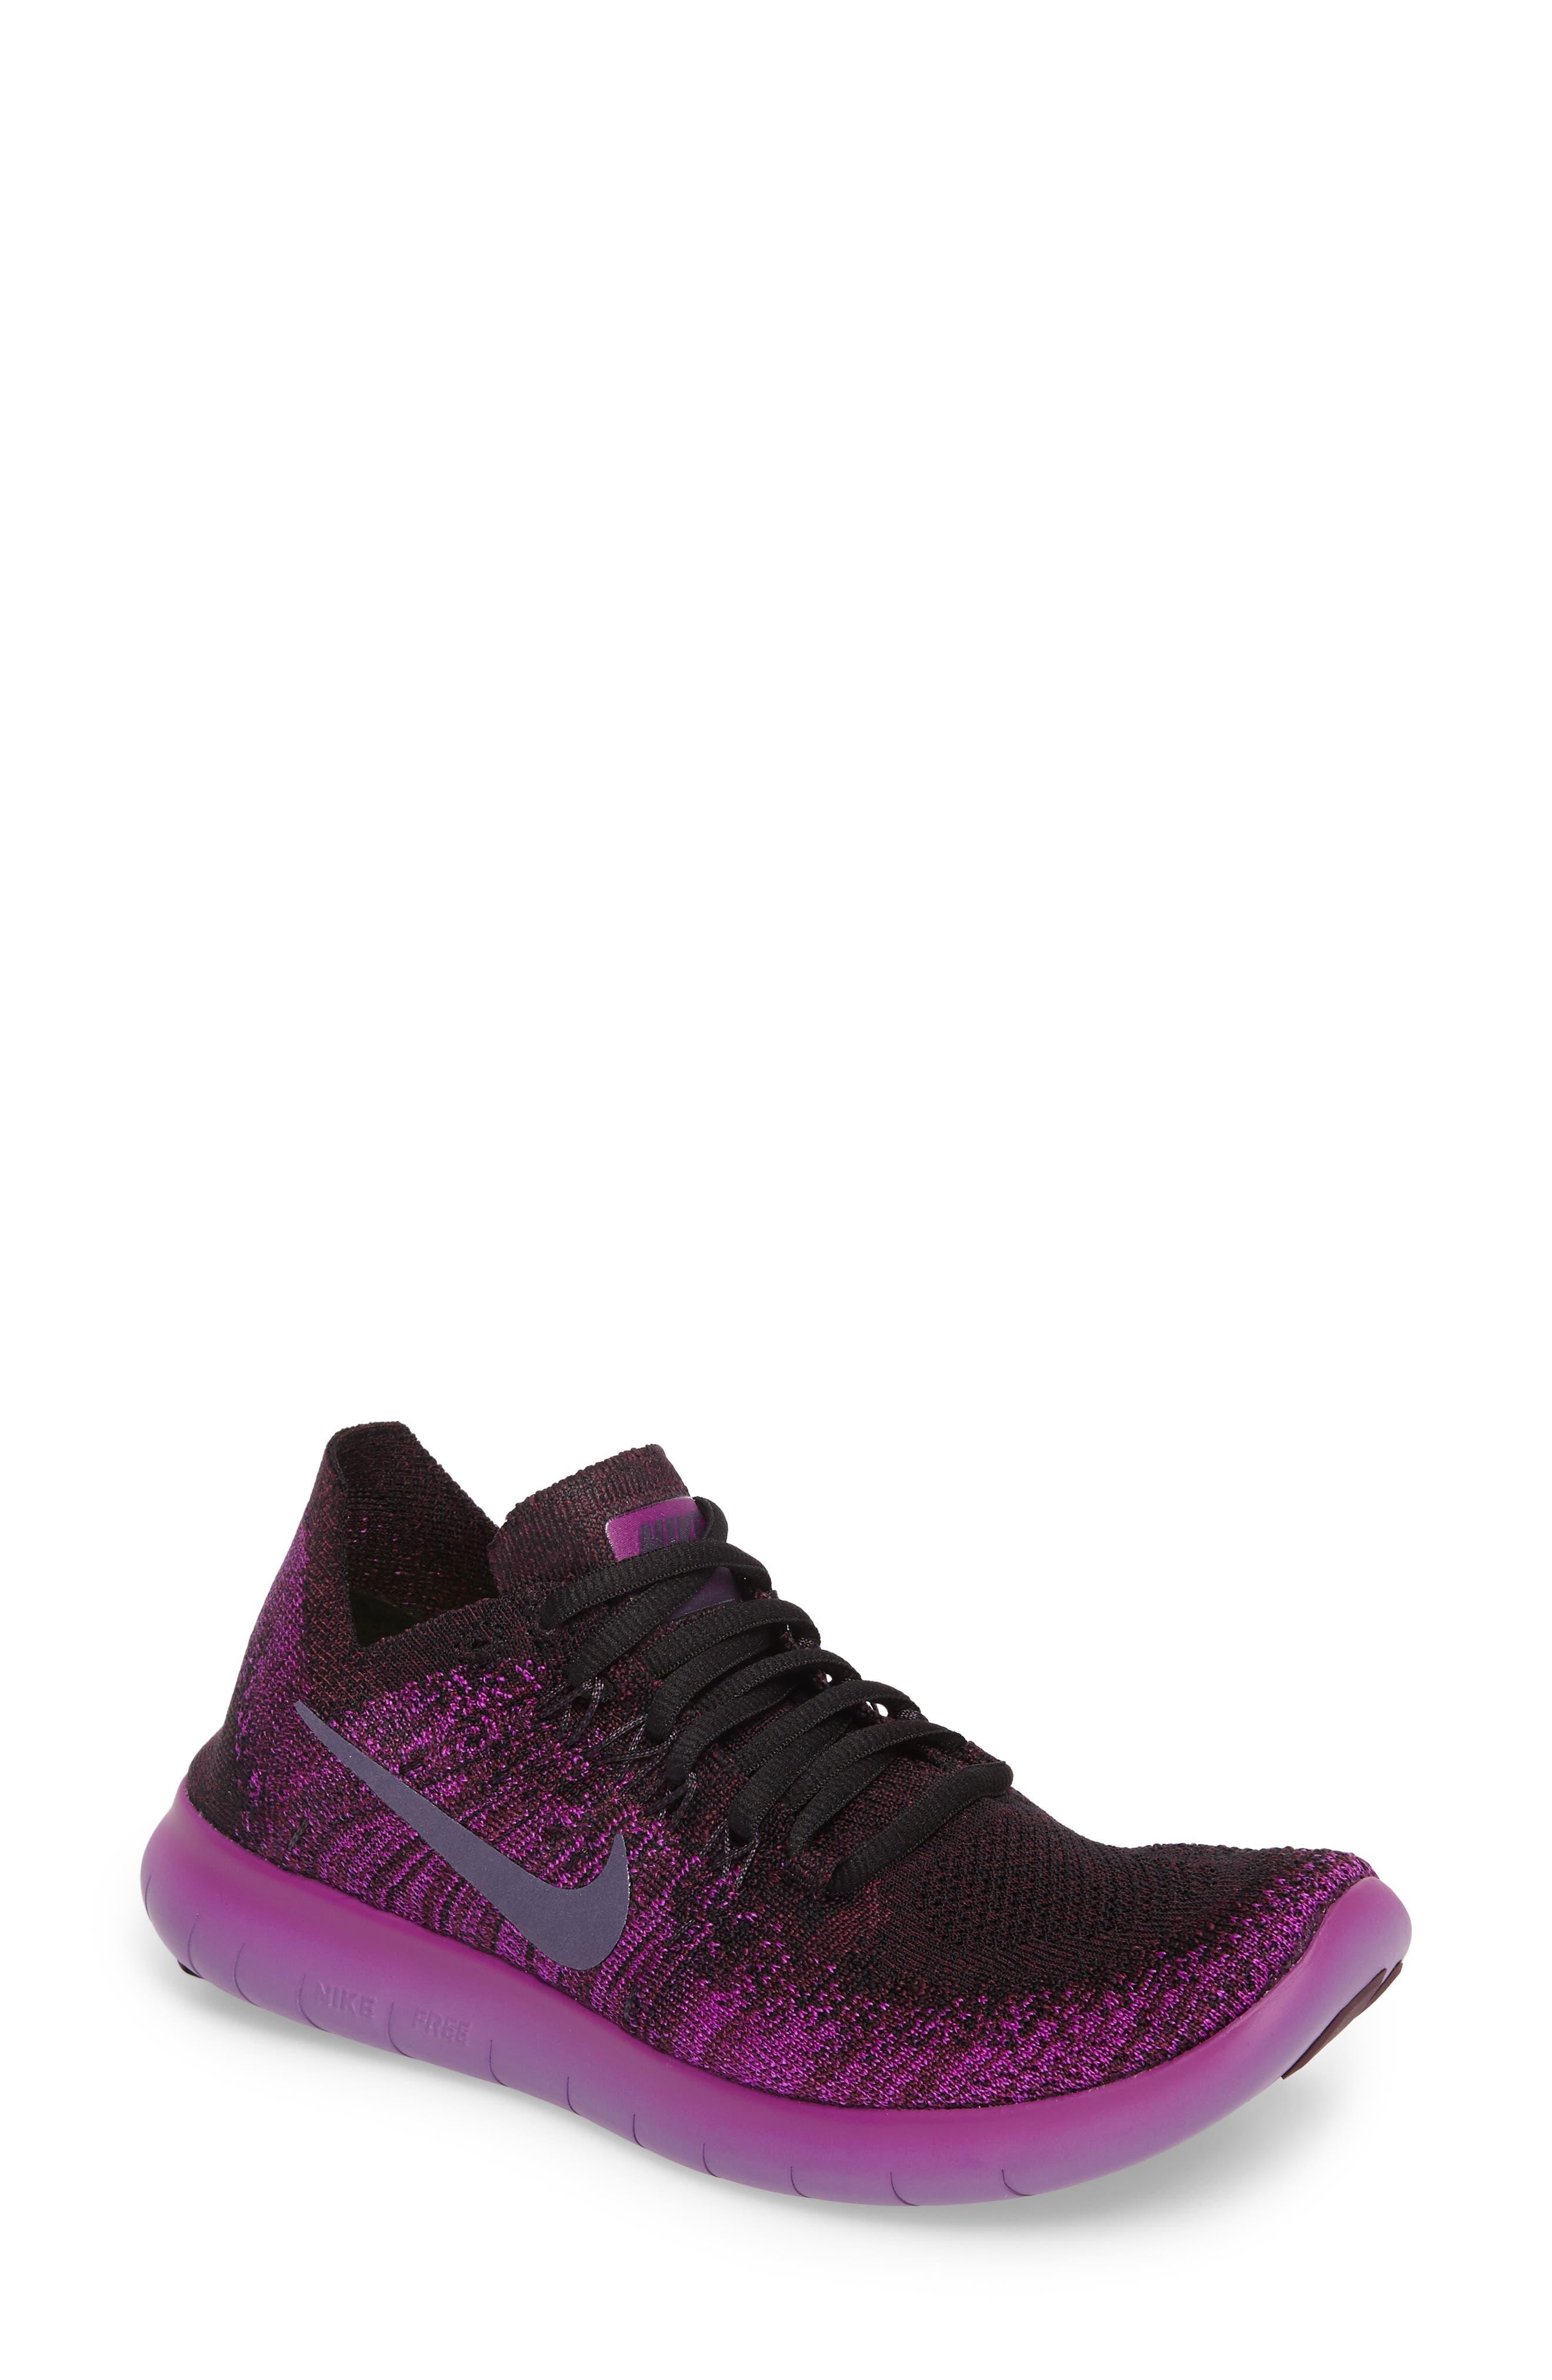 Main Image - Nike Free Run Flyknit 2 Running Shoe (Women)